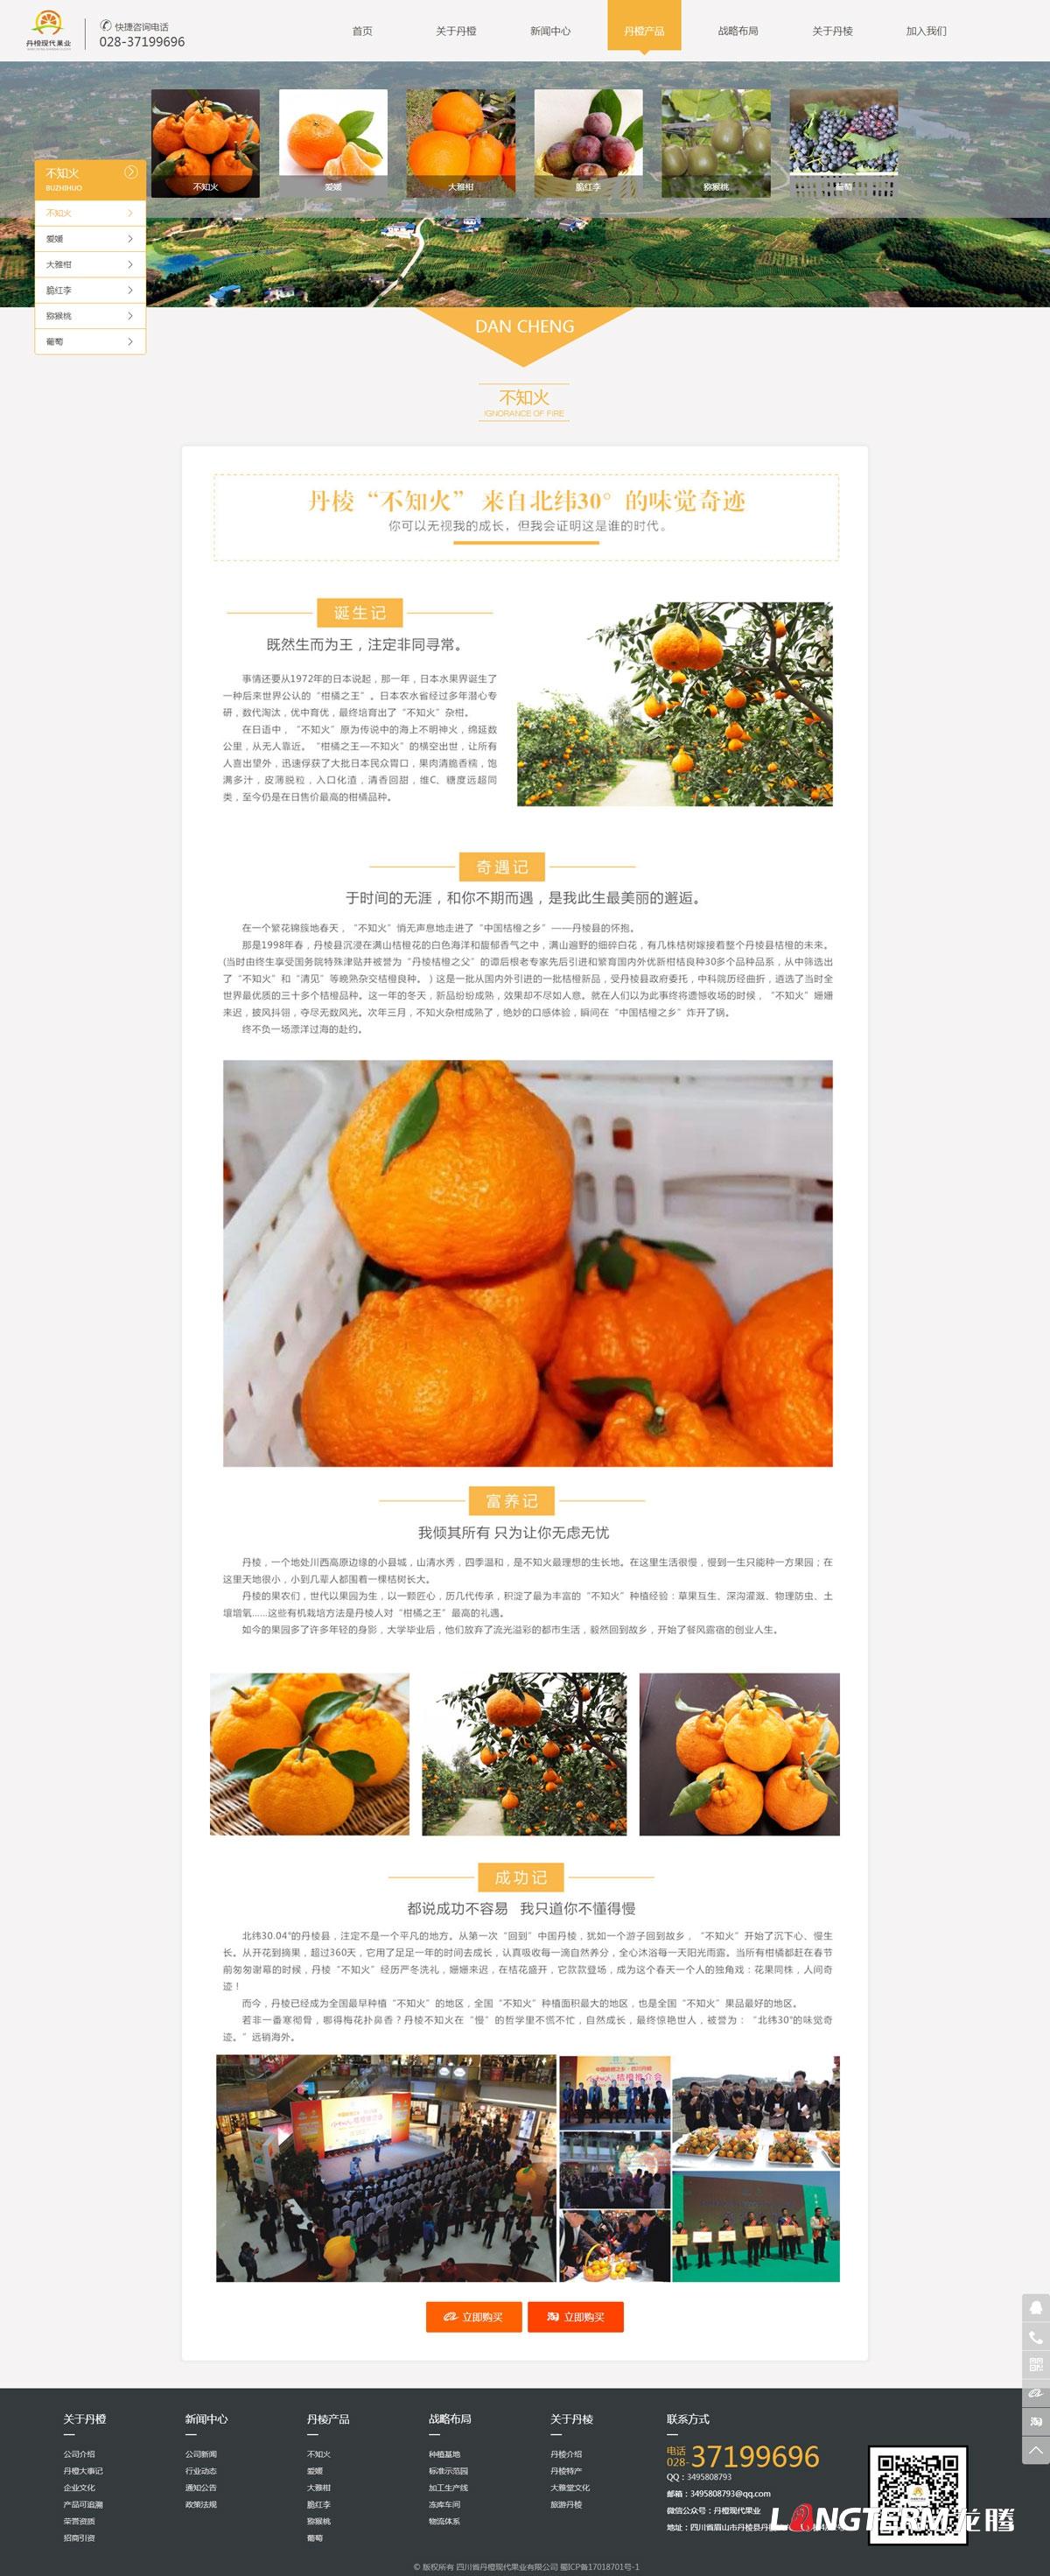 四川省丹橙现代果业有限公司官网设计|成都果业林业公司企业品牌形象网站设计制作建设开发